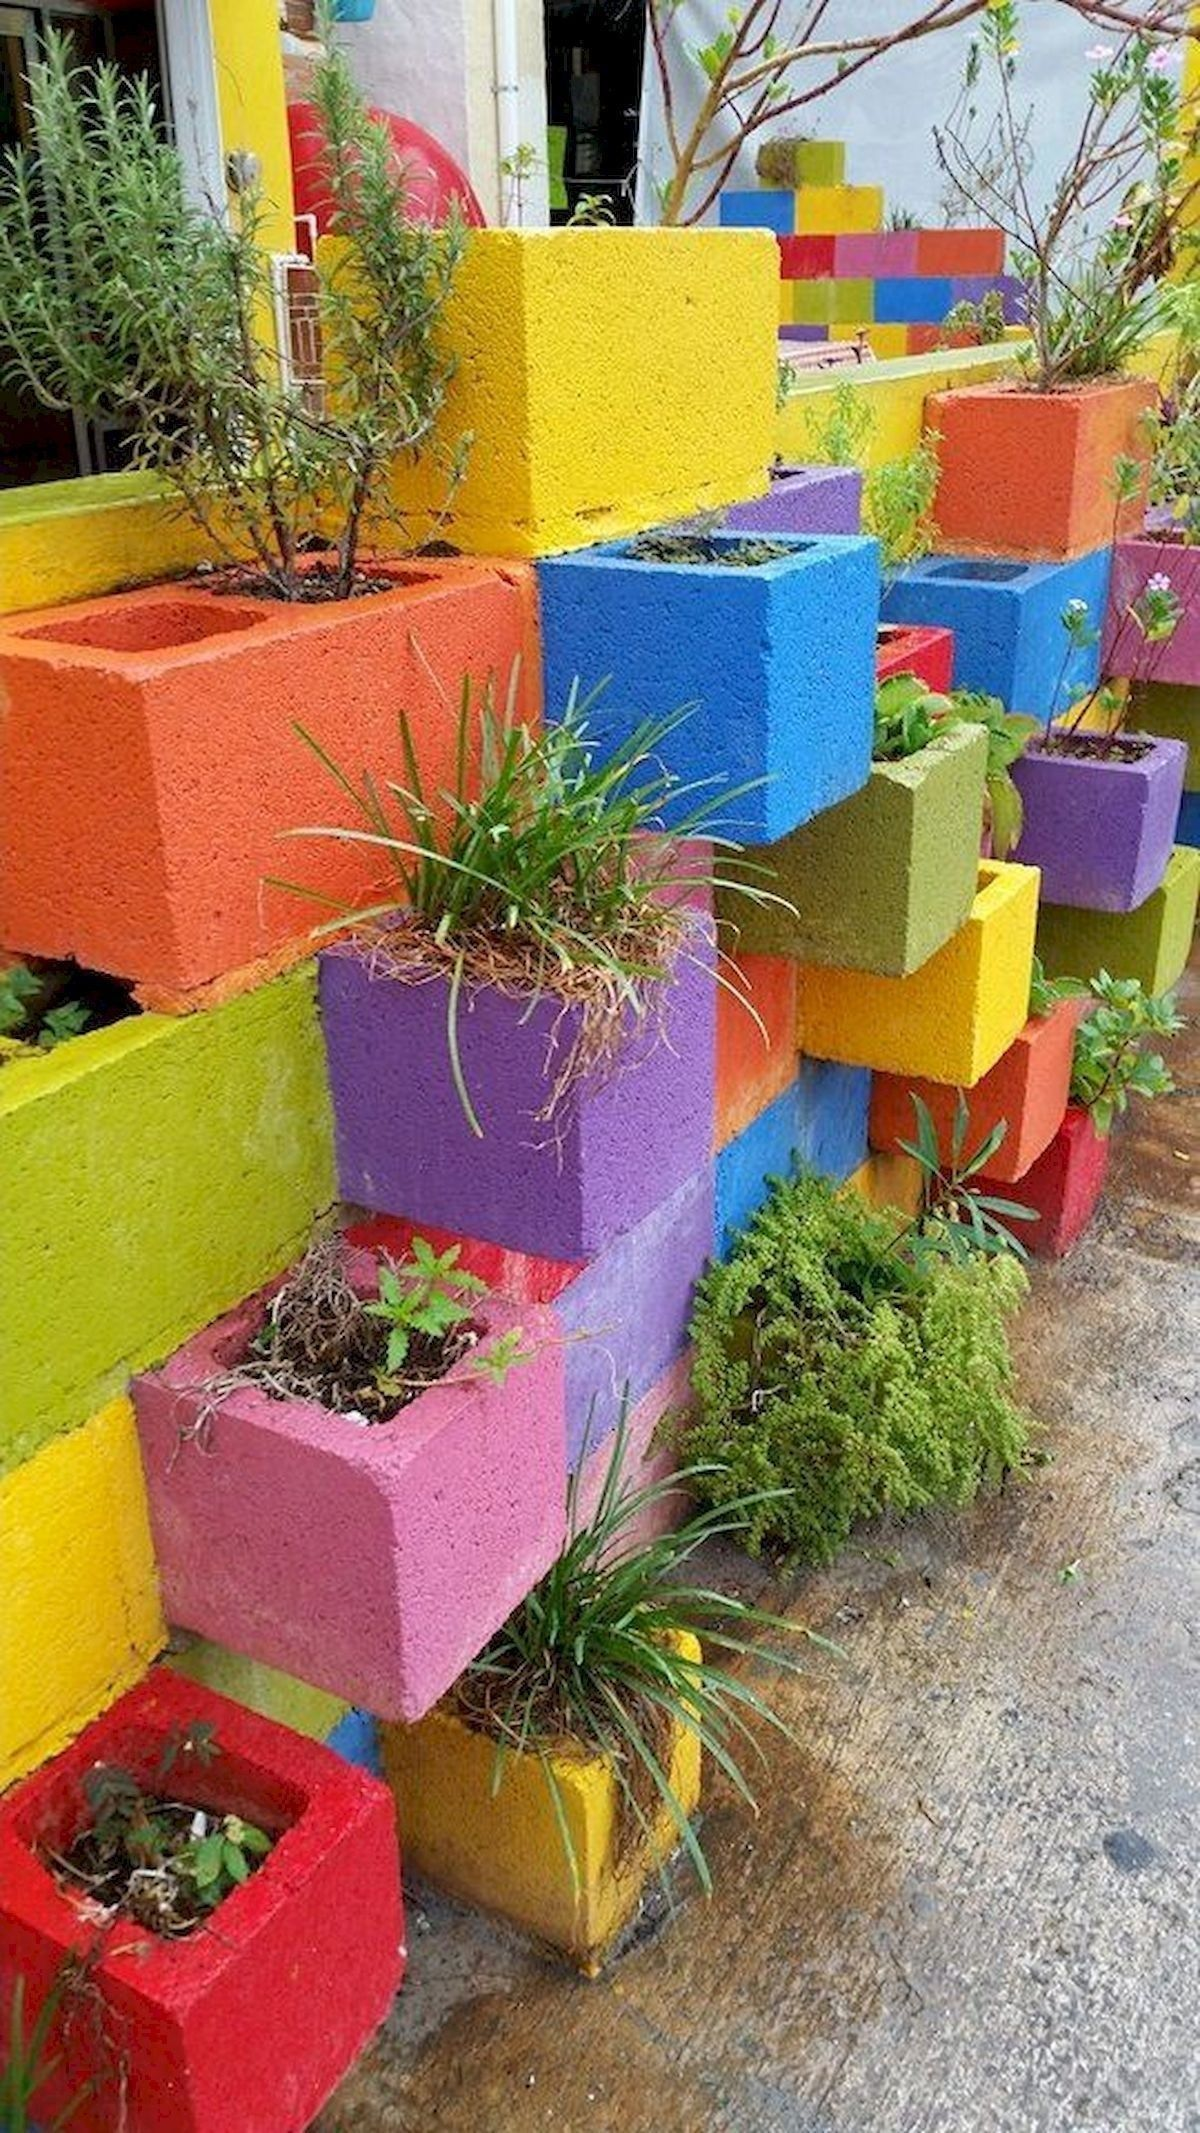 39 Cheap And Easy Diy Garden Ideas Everyone Can Do Homeridian Com Diy Garden Decor Spring Garden Garden Decor